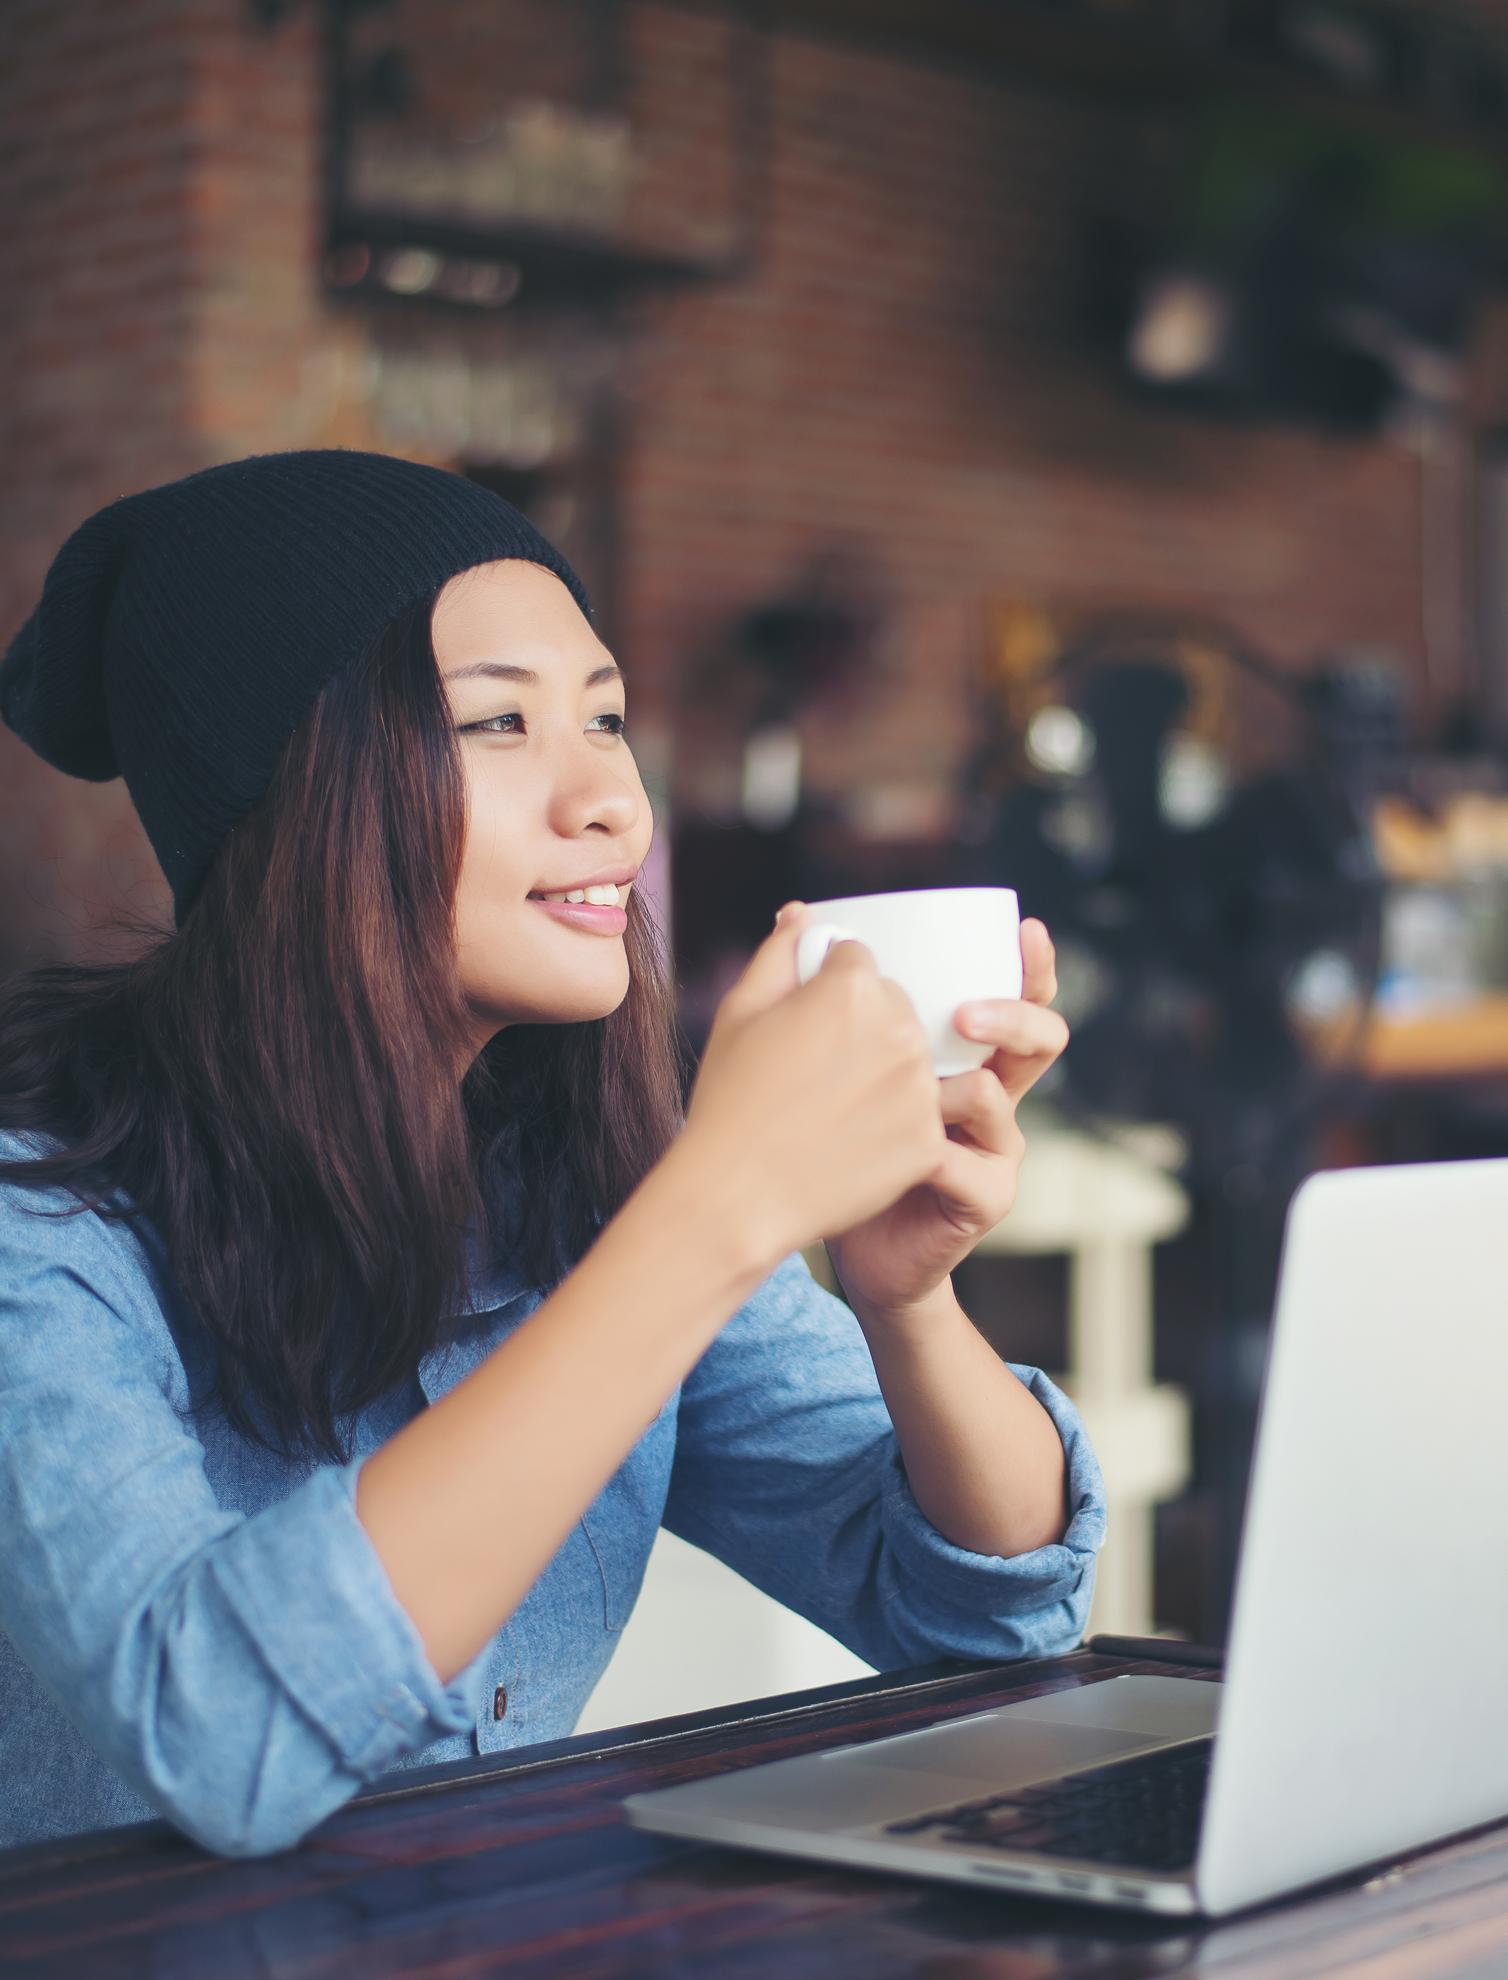 BluCactus - Muchachas descansando con una taza de cafe haciendo contendido con su laptop